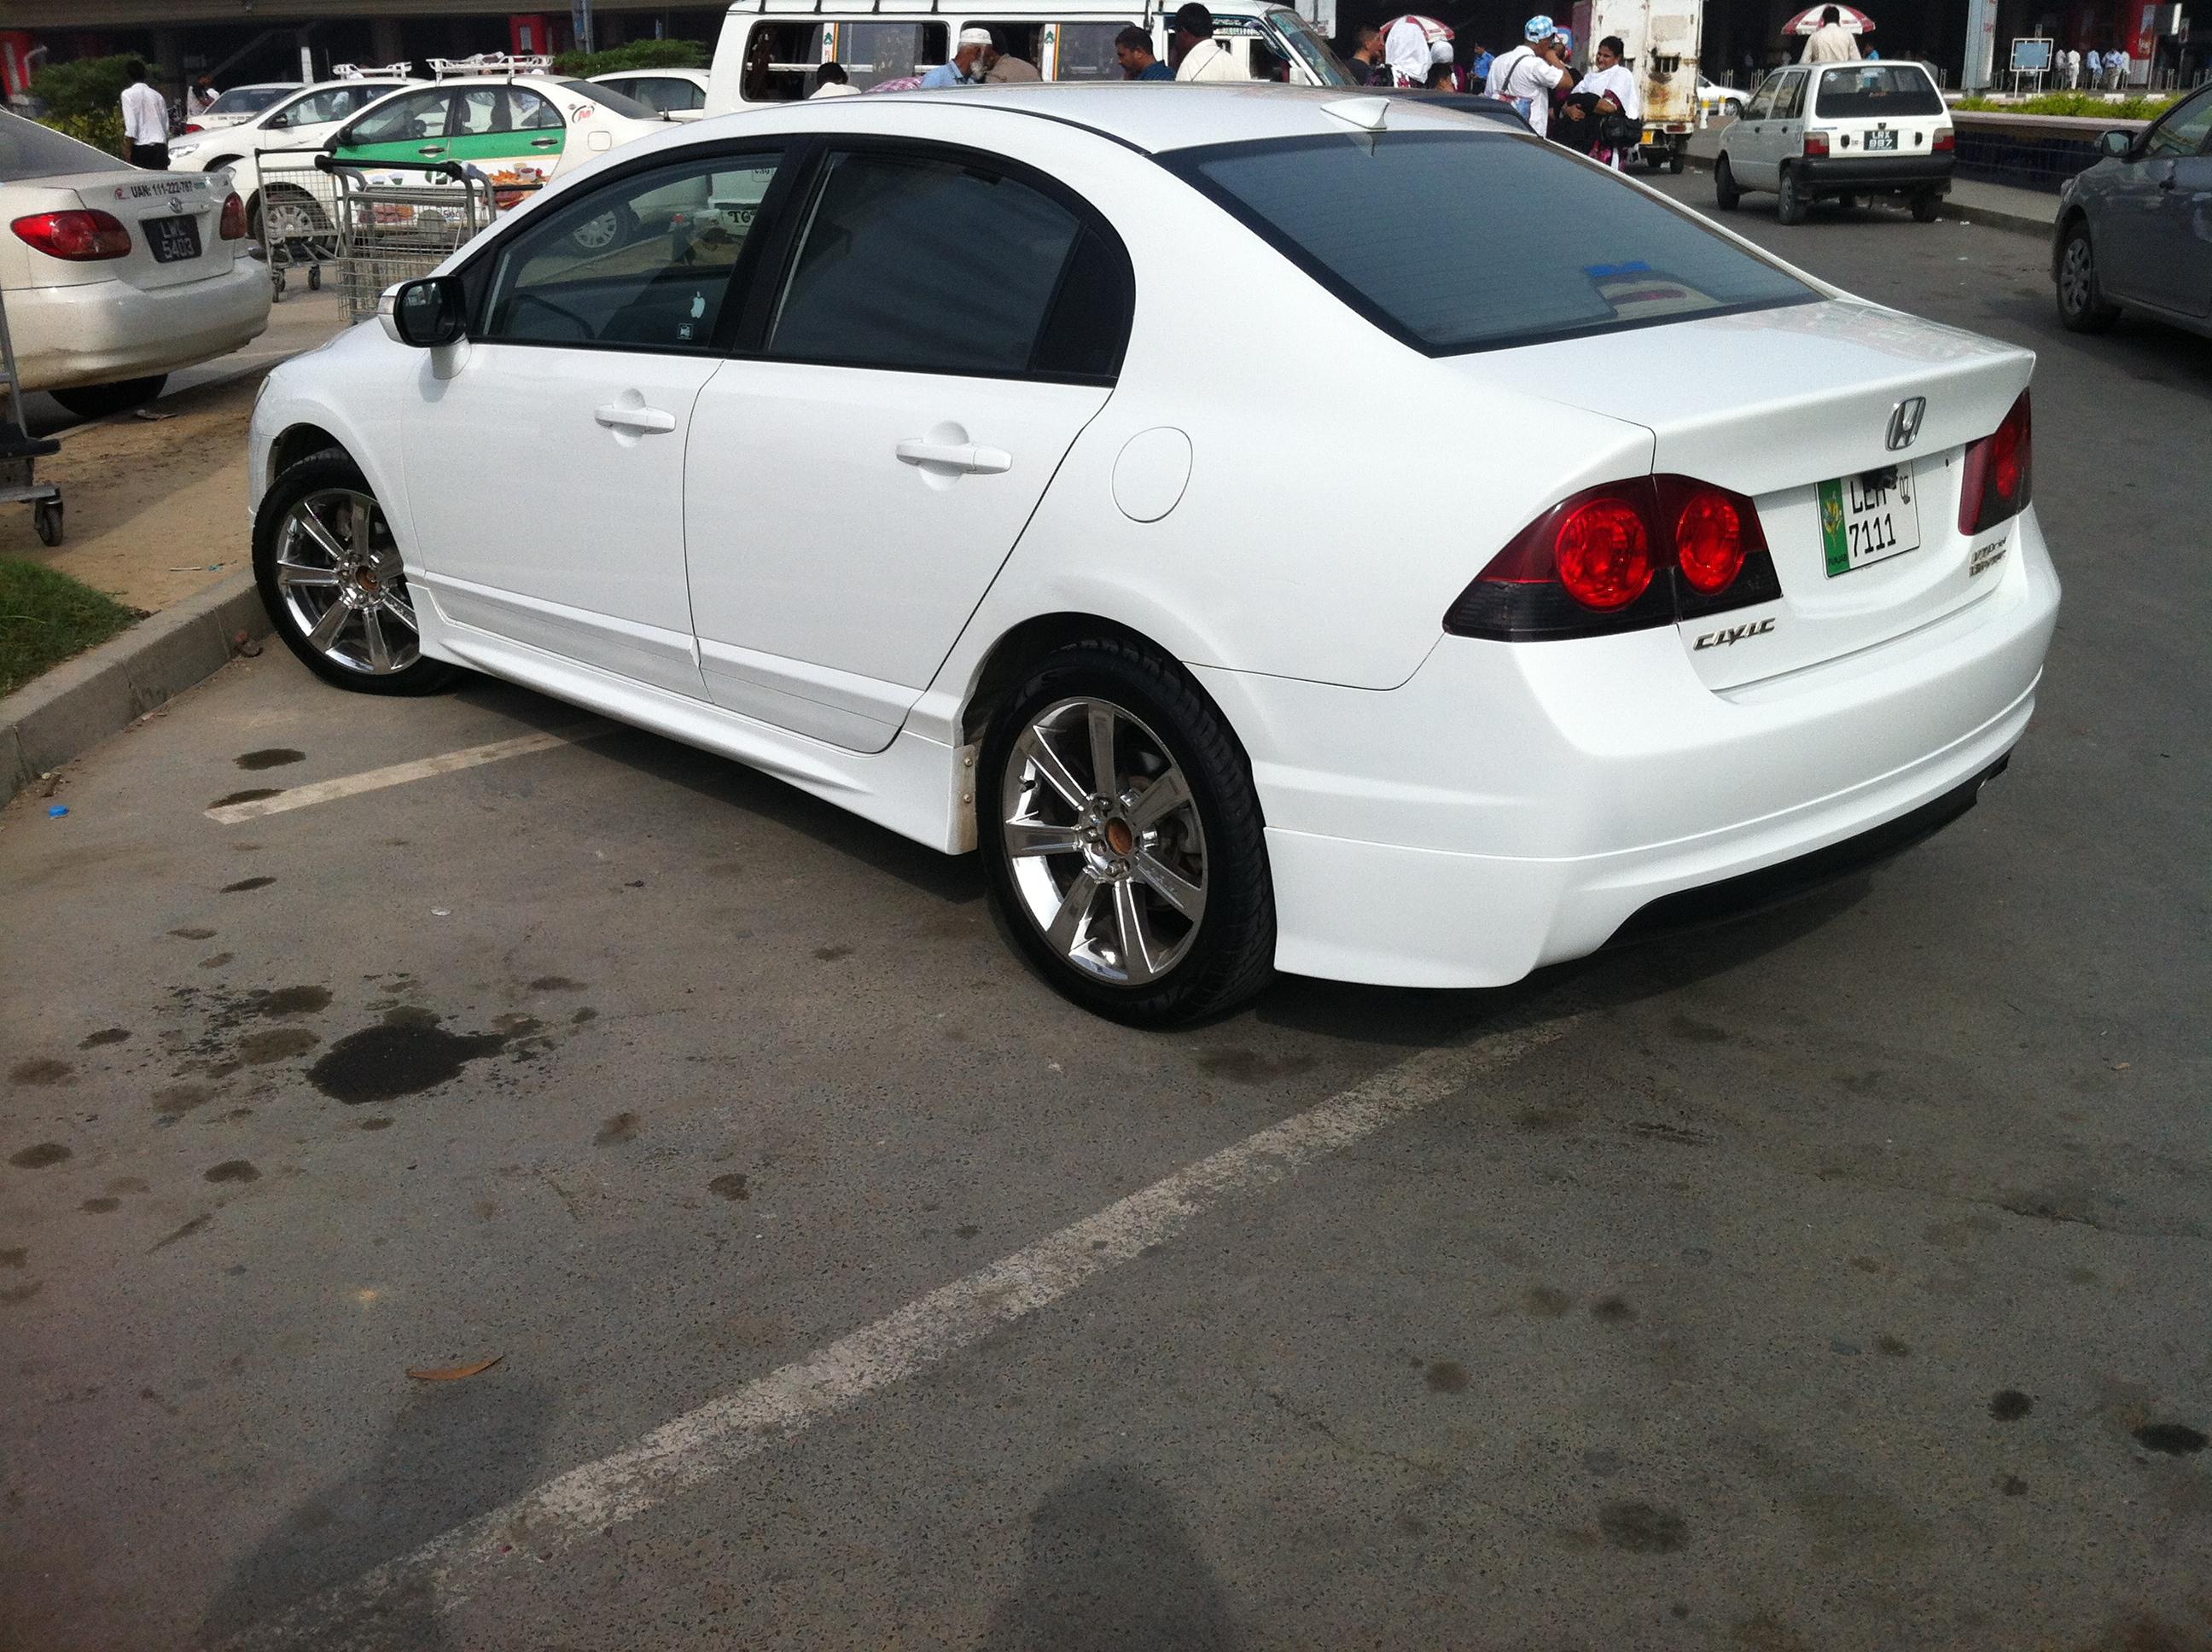 Honda Civic - 2007 my love Image-1